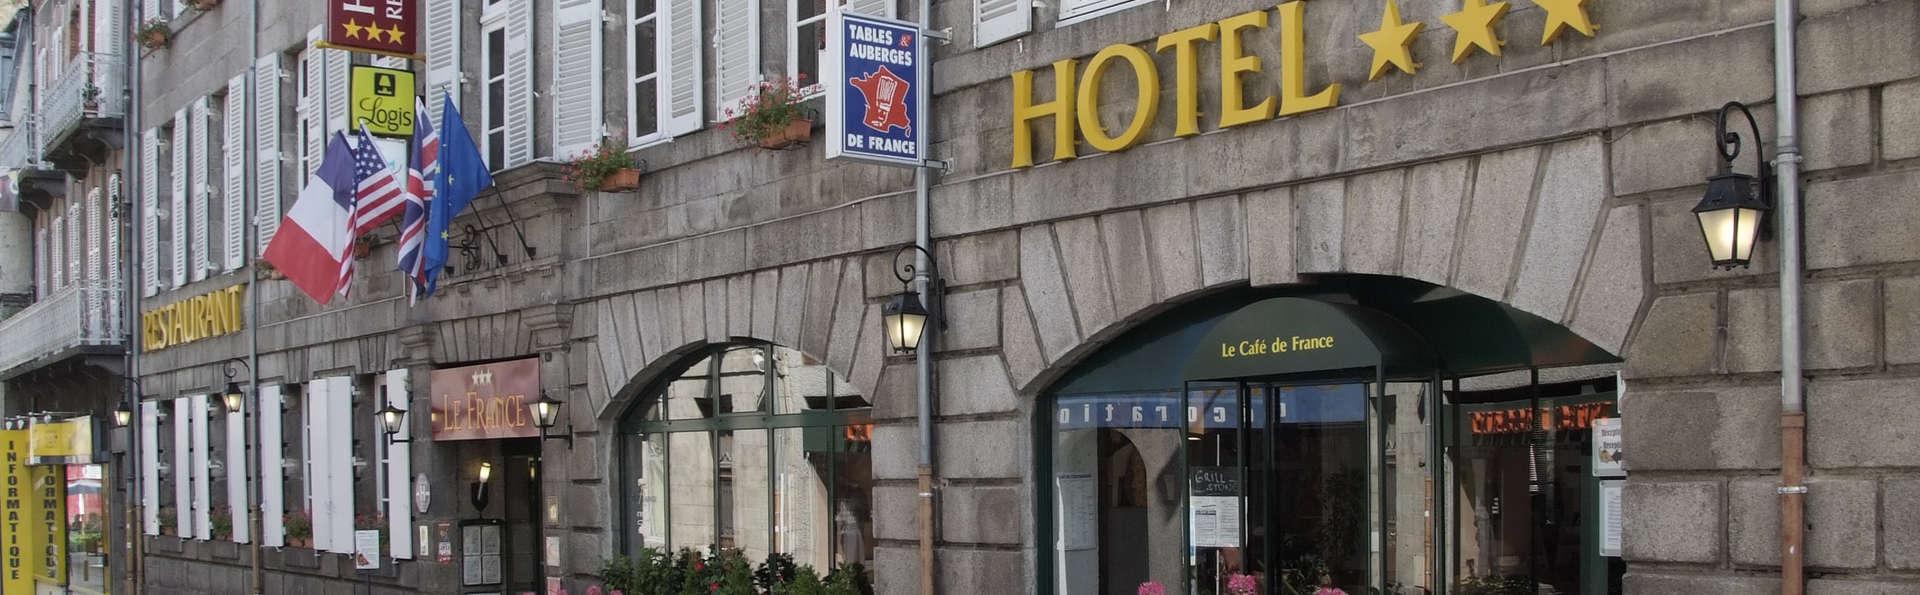 Hotel Le France - FACADE_HOTEL_FLEURIE_2013.jpg